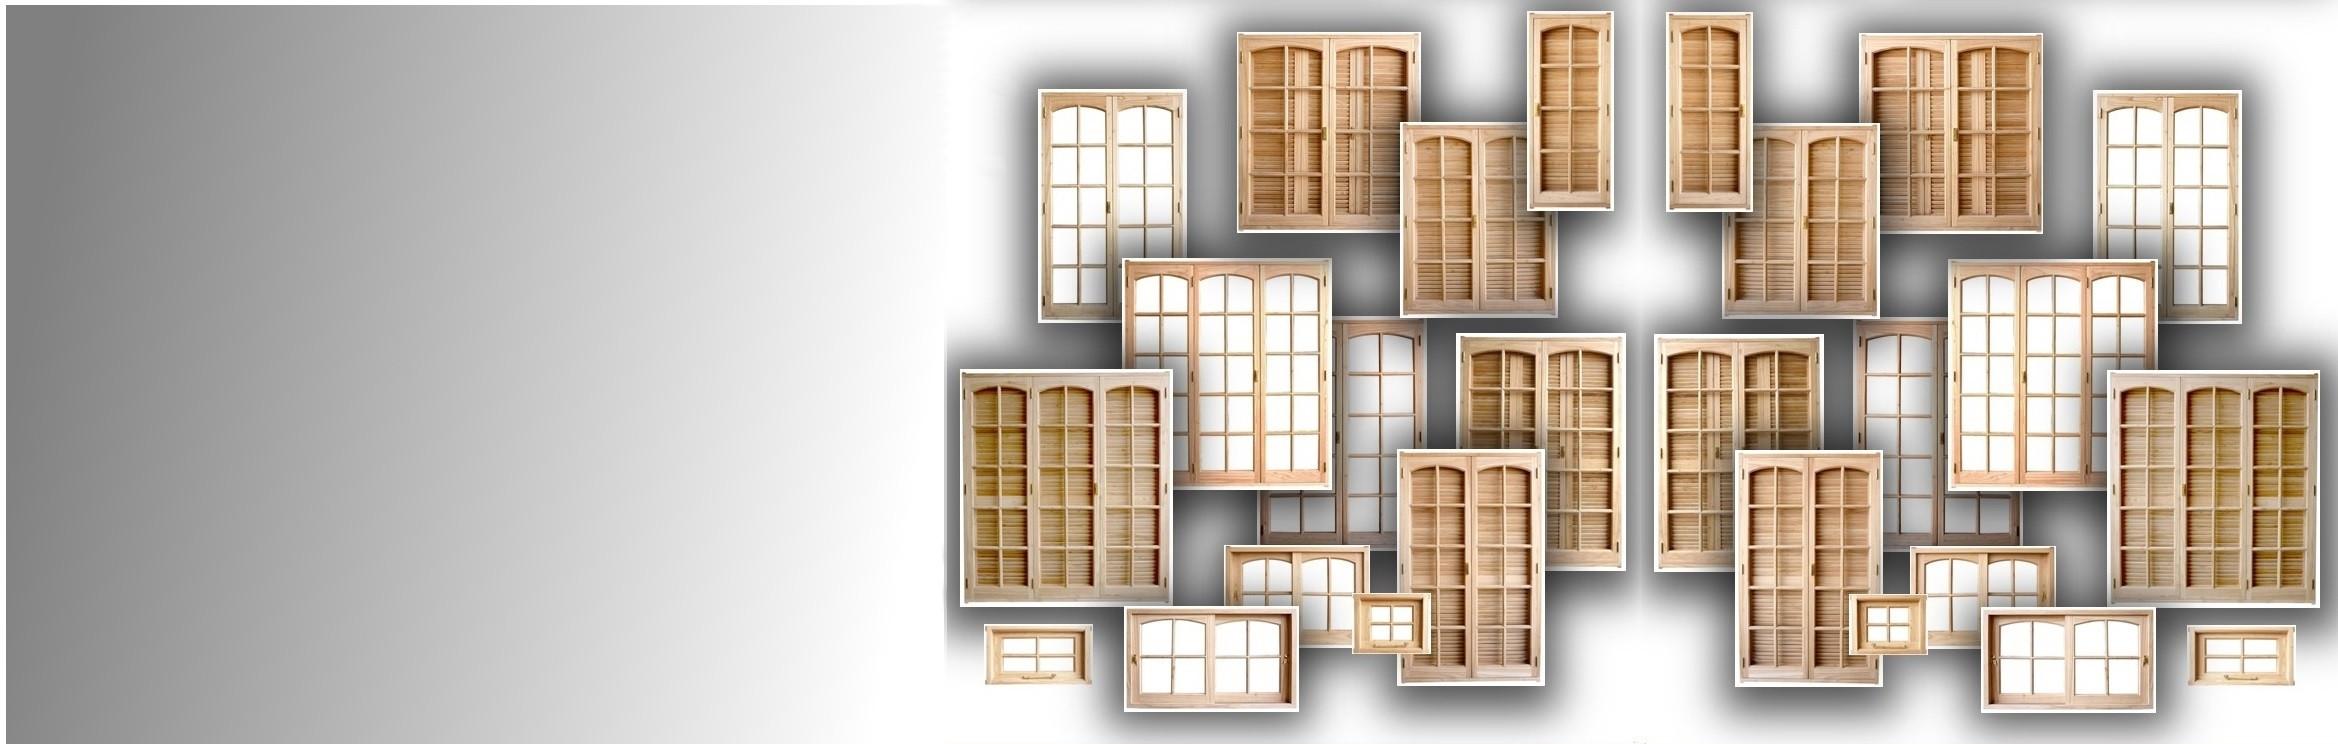 ventanas clásicas